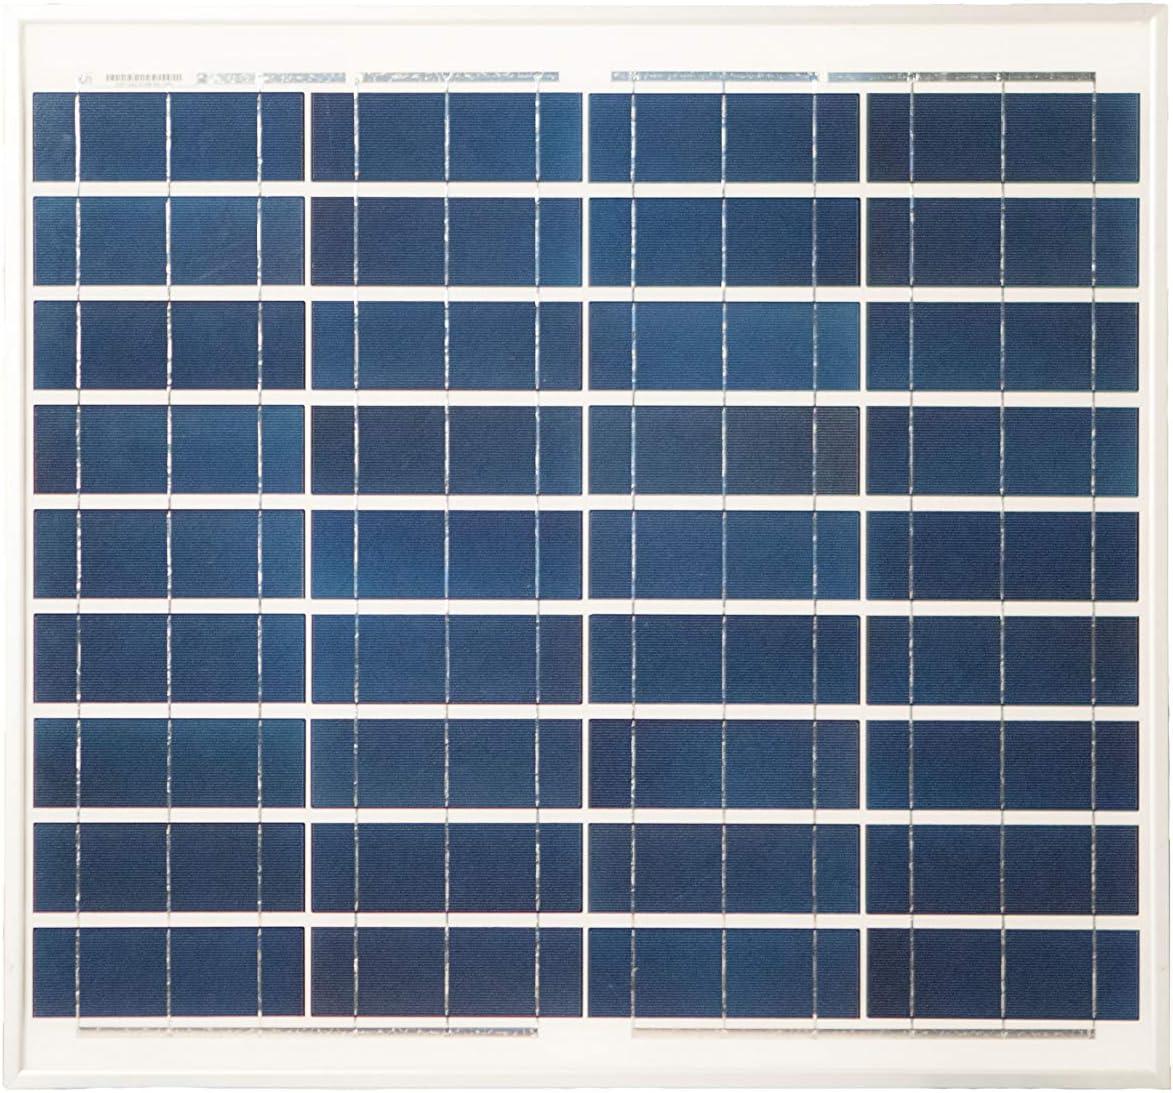 Solarvention 50 Watt 12 Volt Polycrystalline Solar Panel